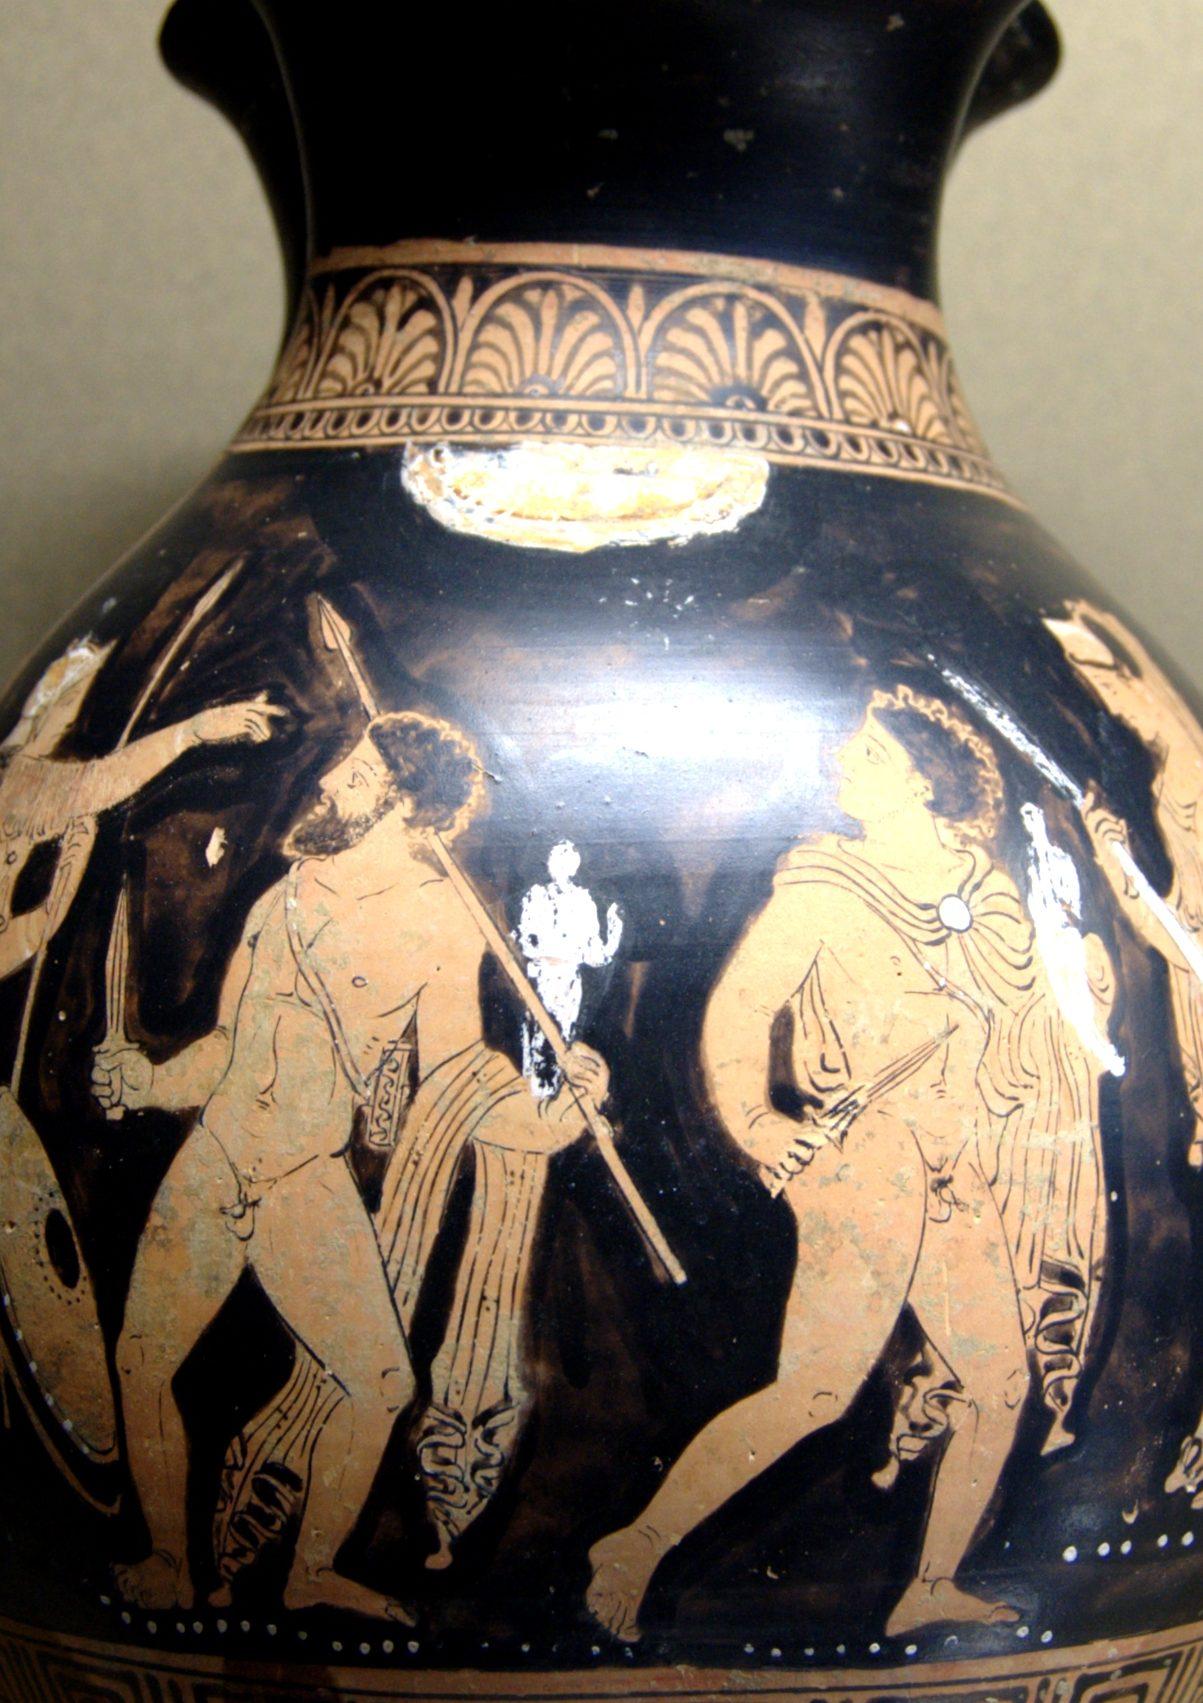 Odiseo y Diomedes robando el Paladio. Cerámica de figuras rojas de Regio de Calabria (360 - 350 a. C.) Museo del Louvre (París).